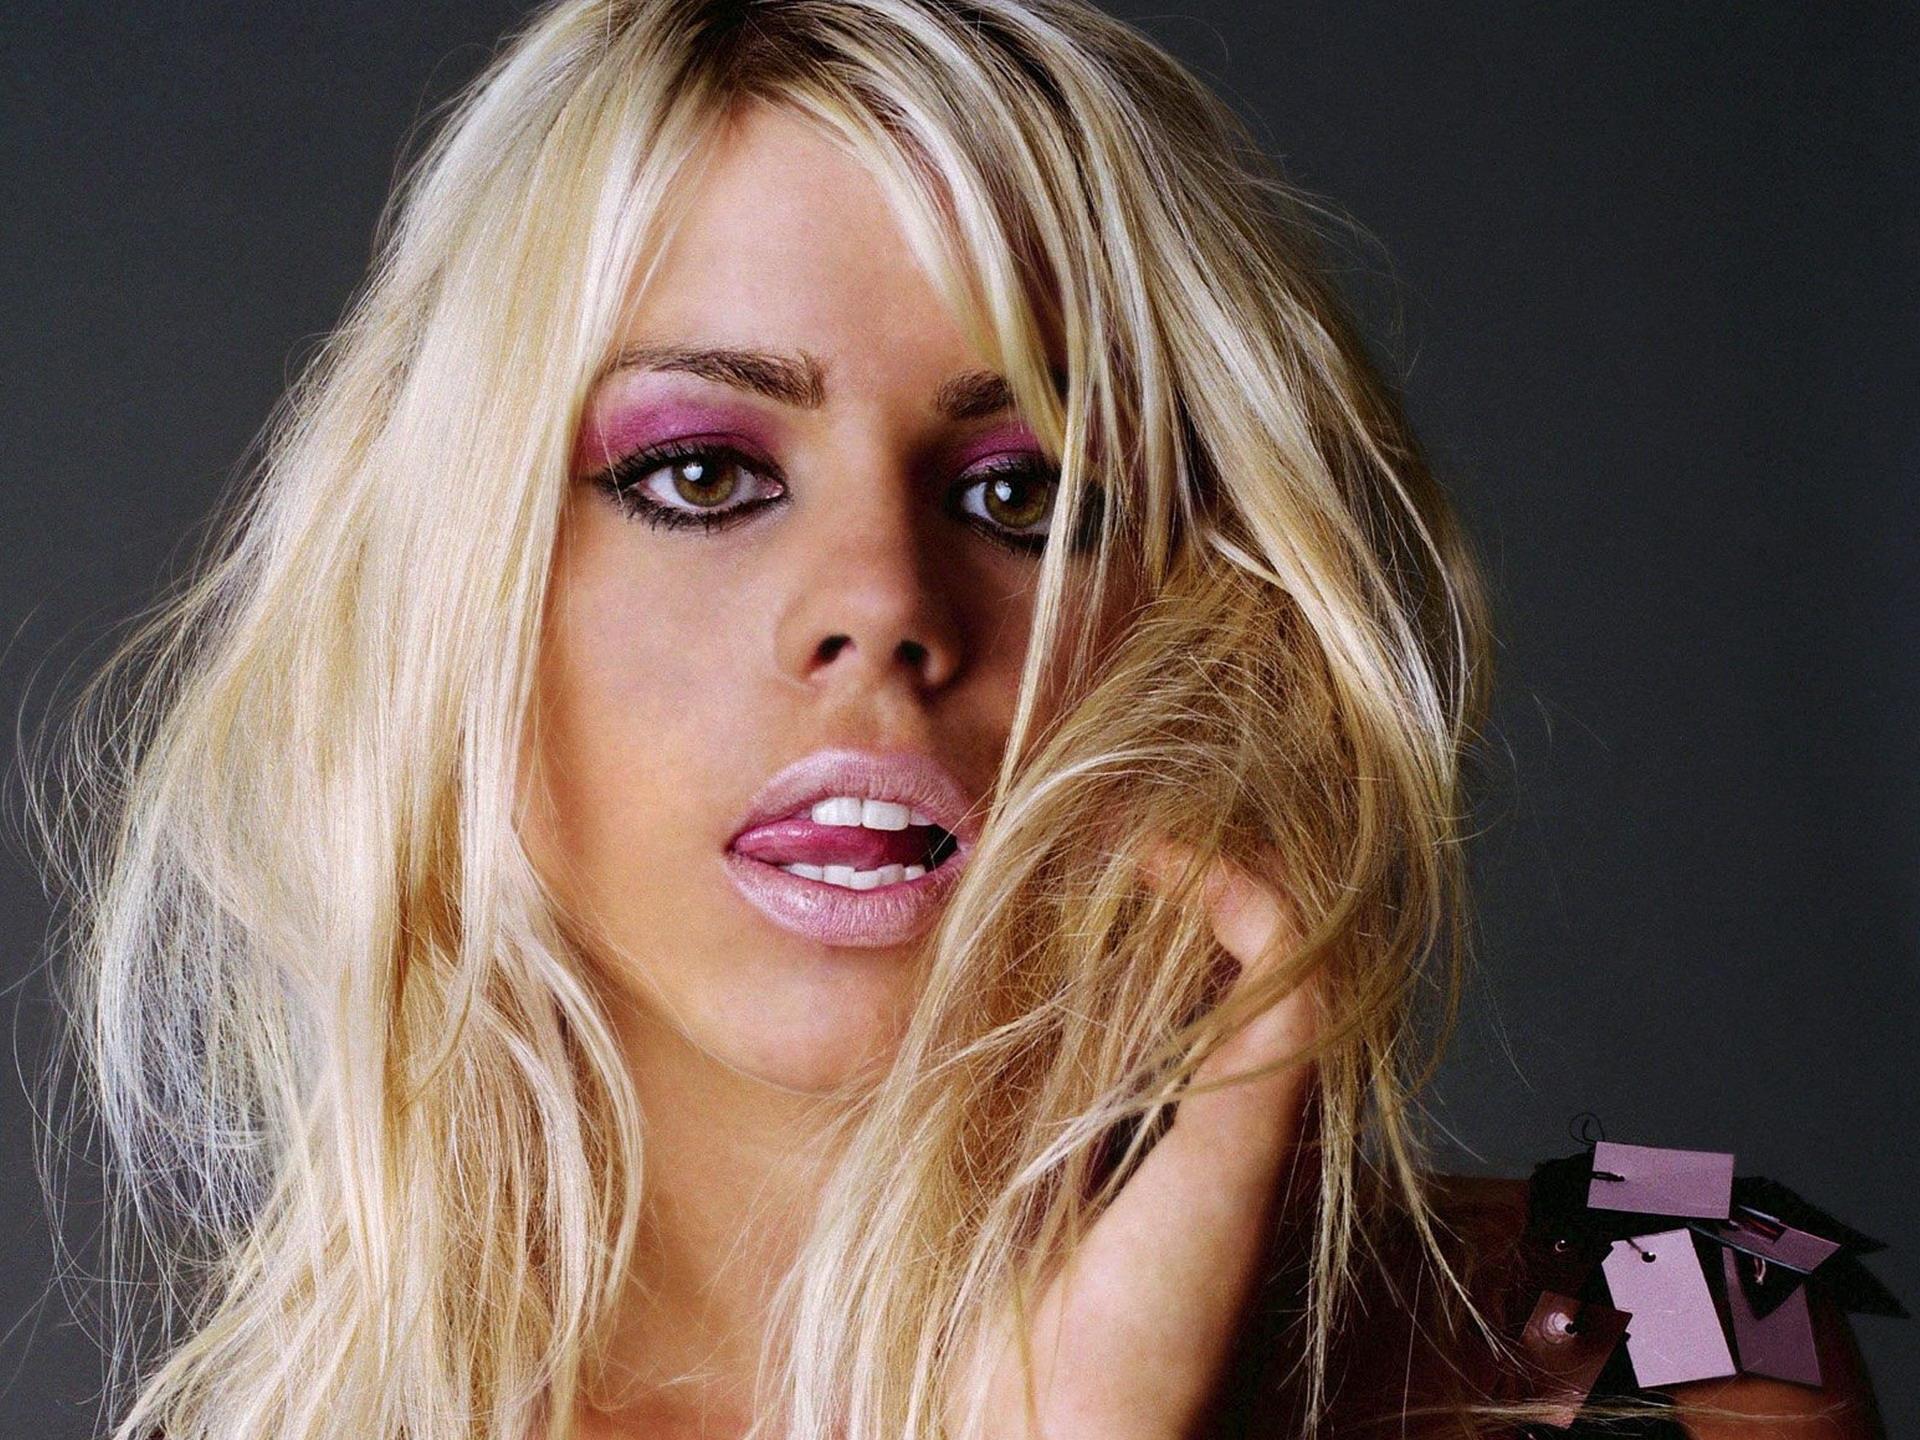 fond-ecran-filles-blondes_31